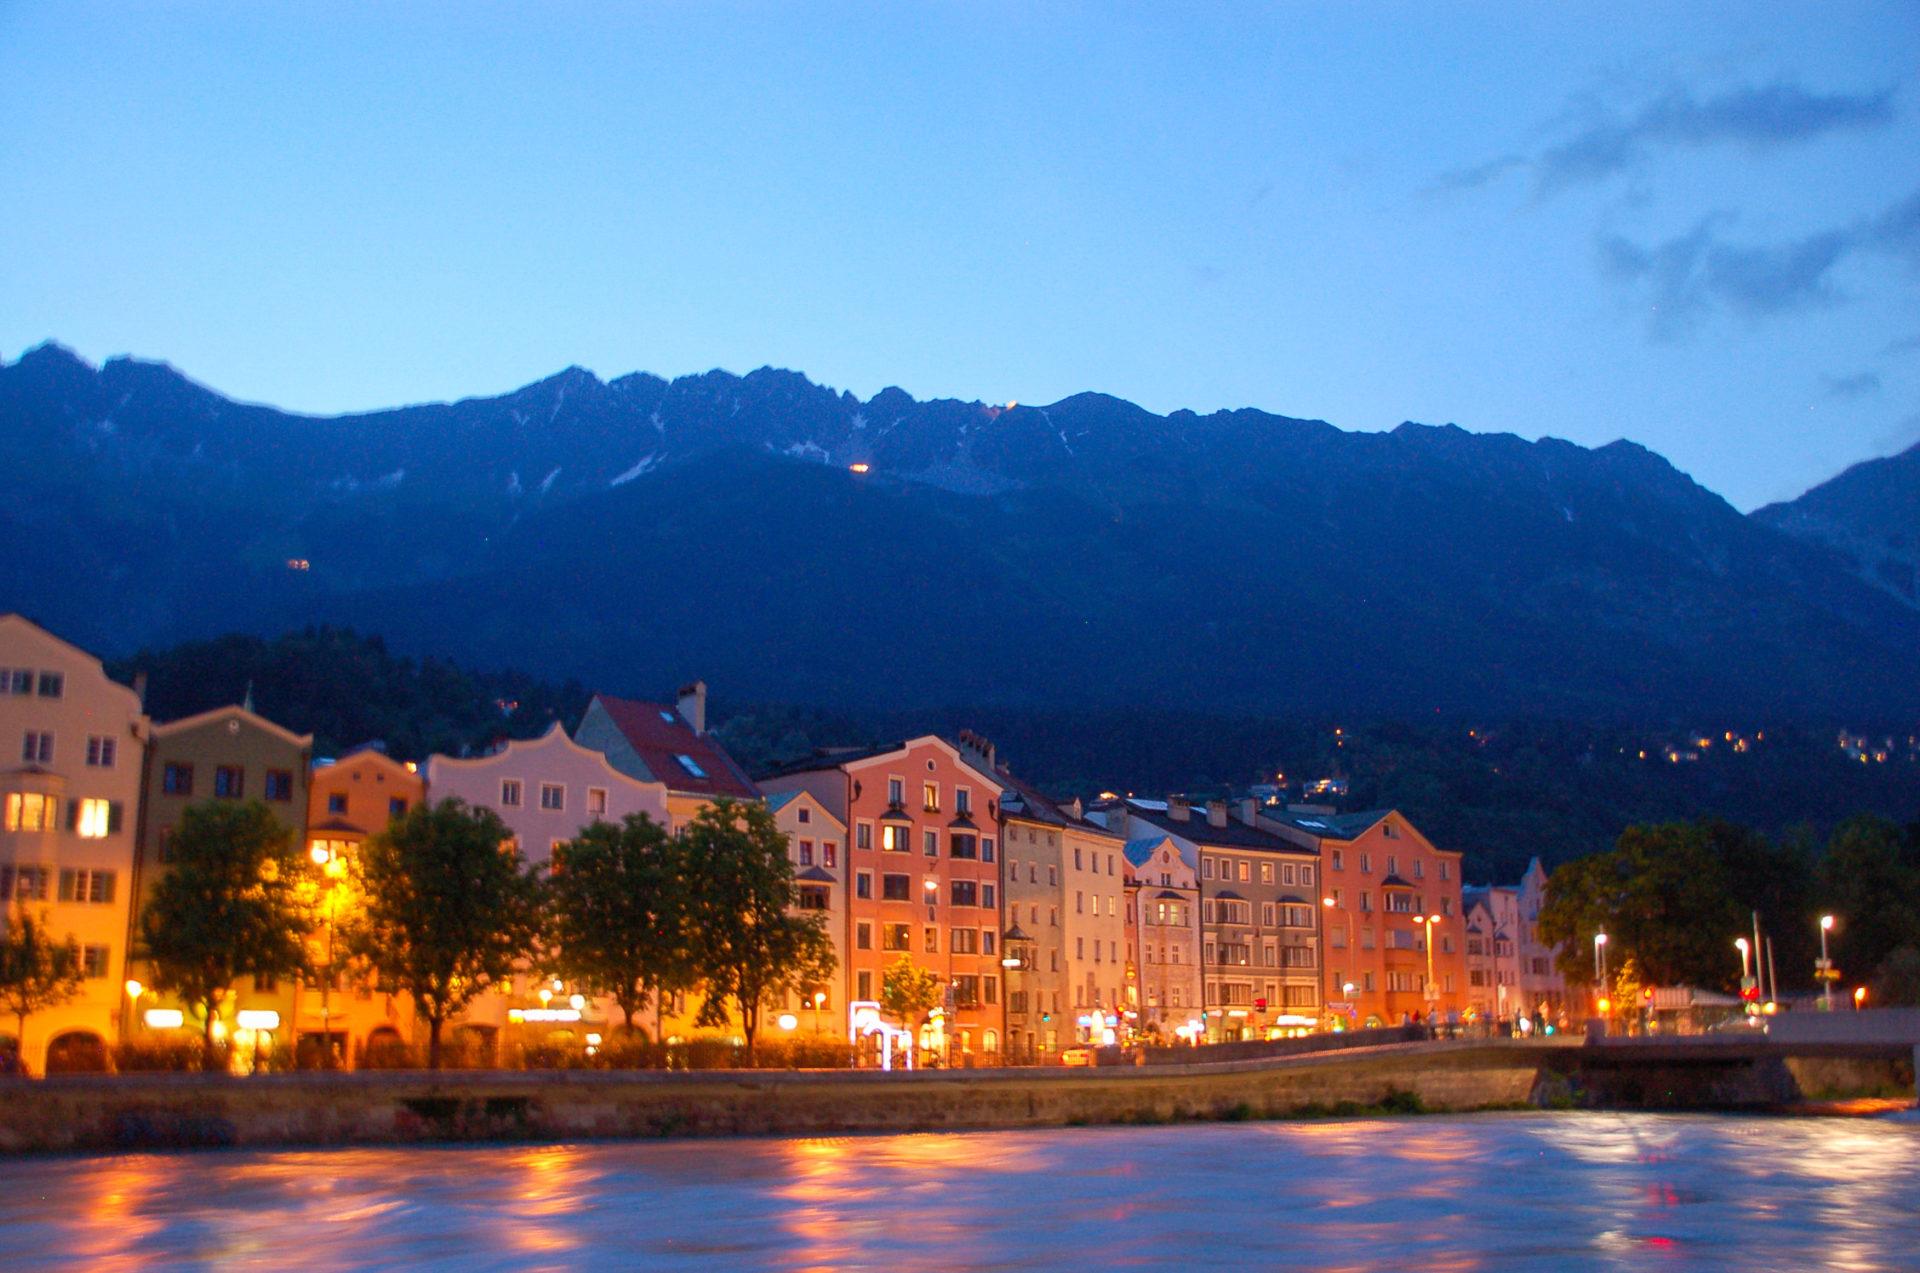 Innsbruck bei Nacht mit Blick auf den Inn und die Berge